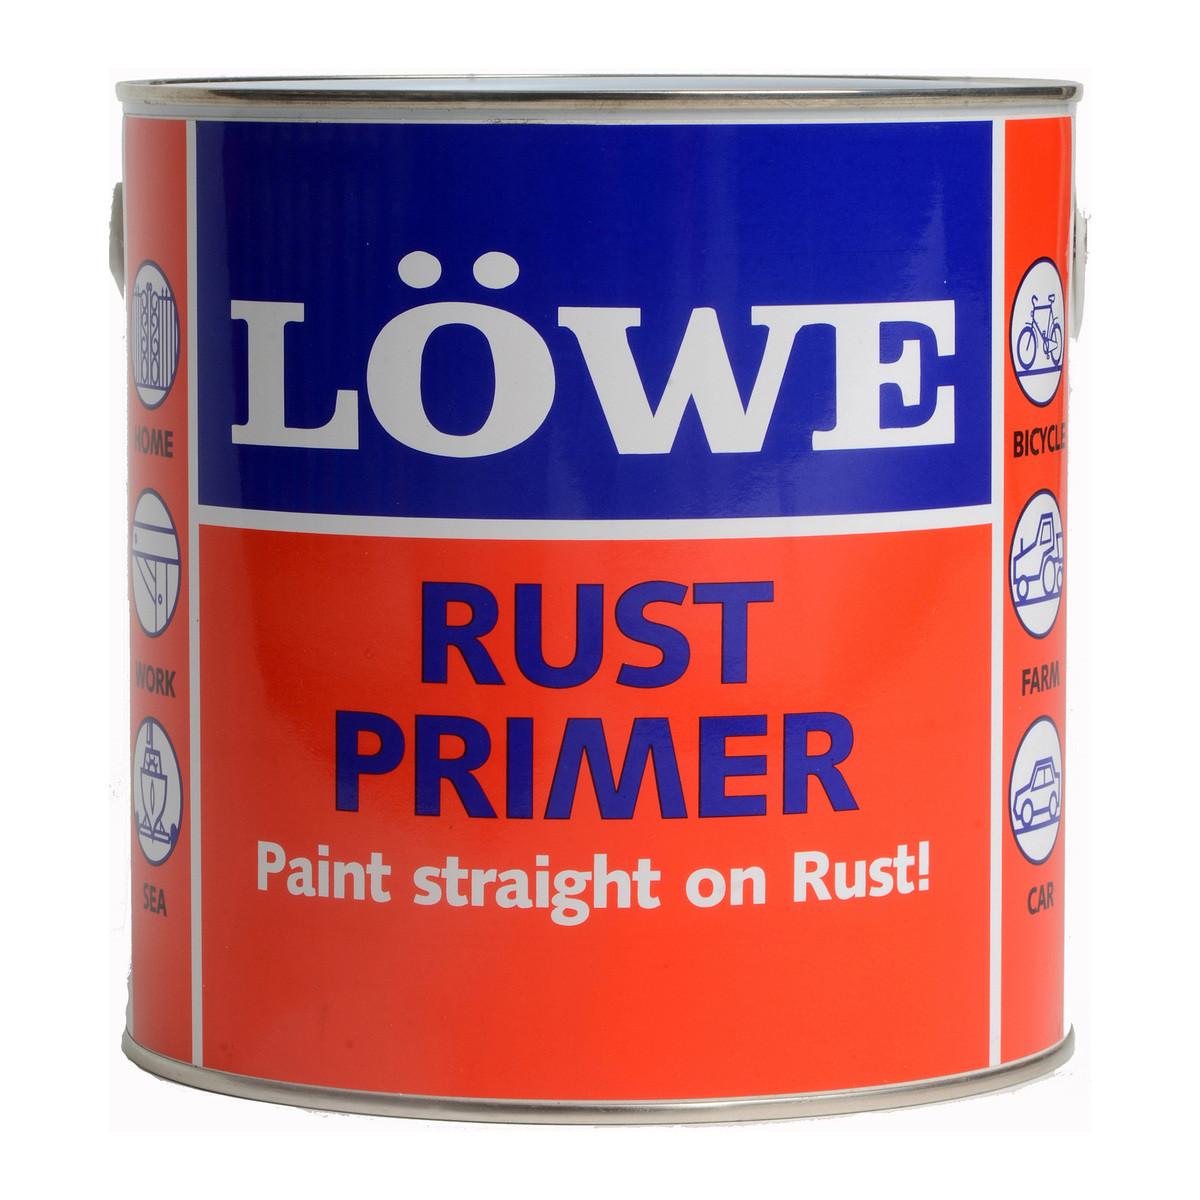 Lowe Rust Primer Tile Red 1.5kg